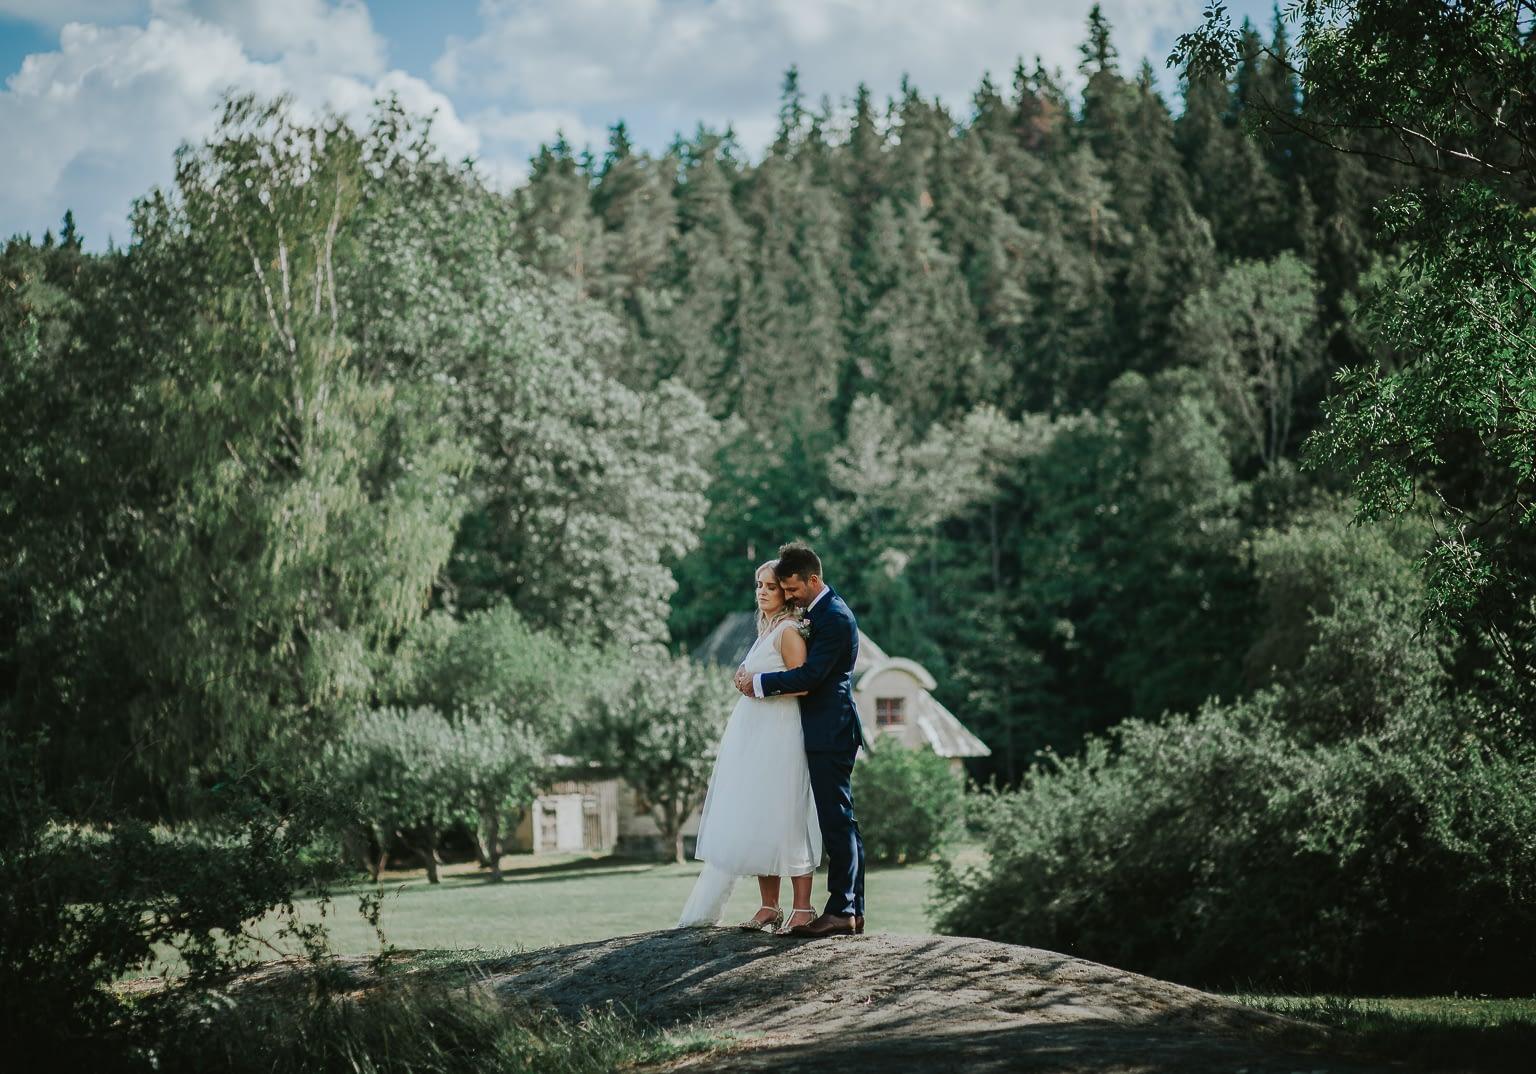 jolie photo de mariage a la campagne française